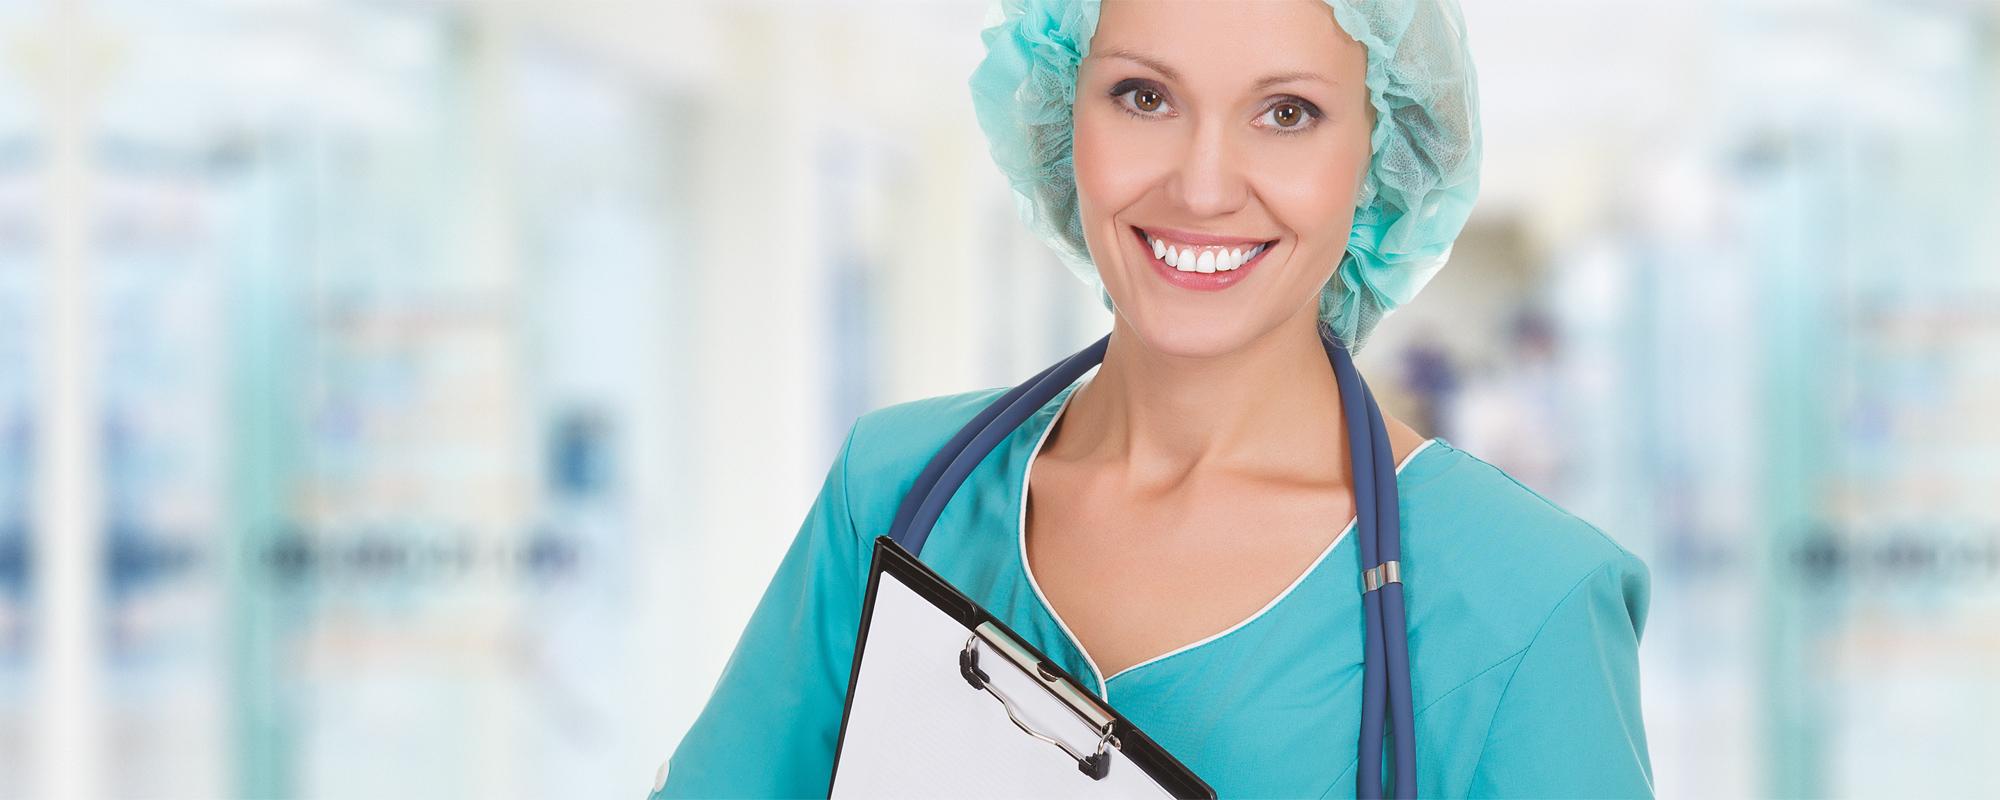 Medizinischer Dienst <span>Ihr Arzt und Apotheken Service online</span>